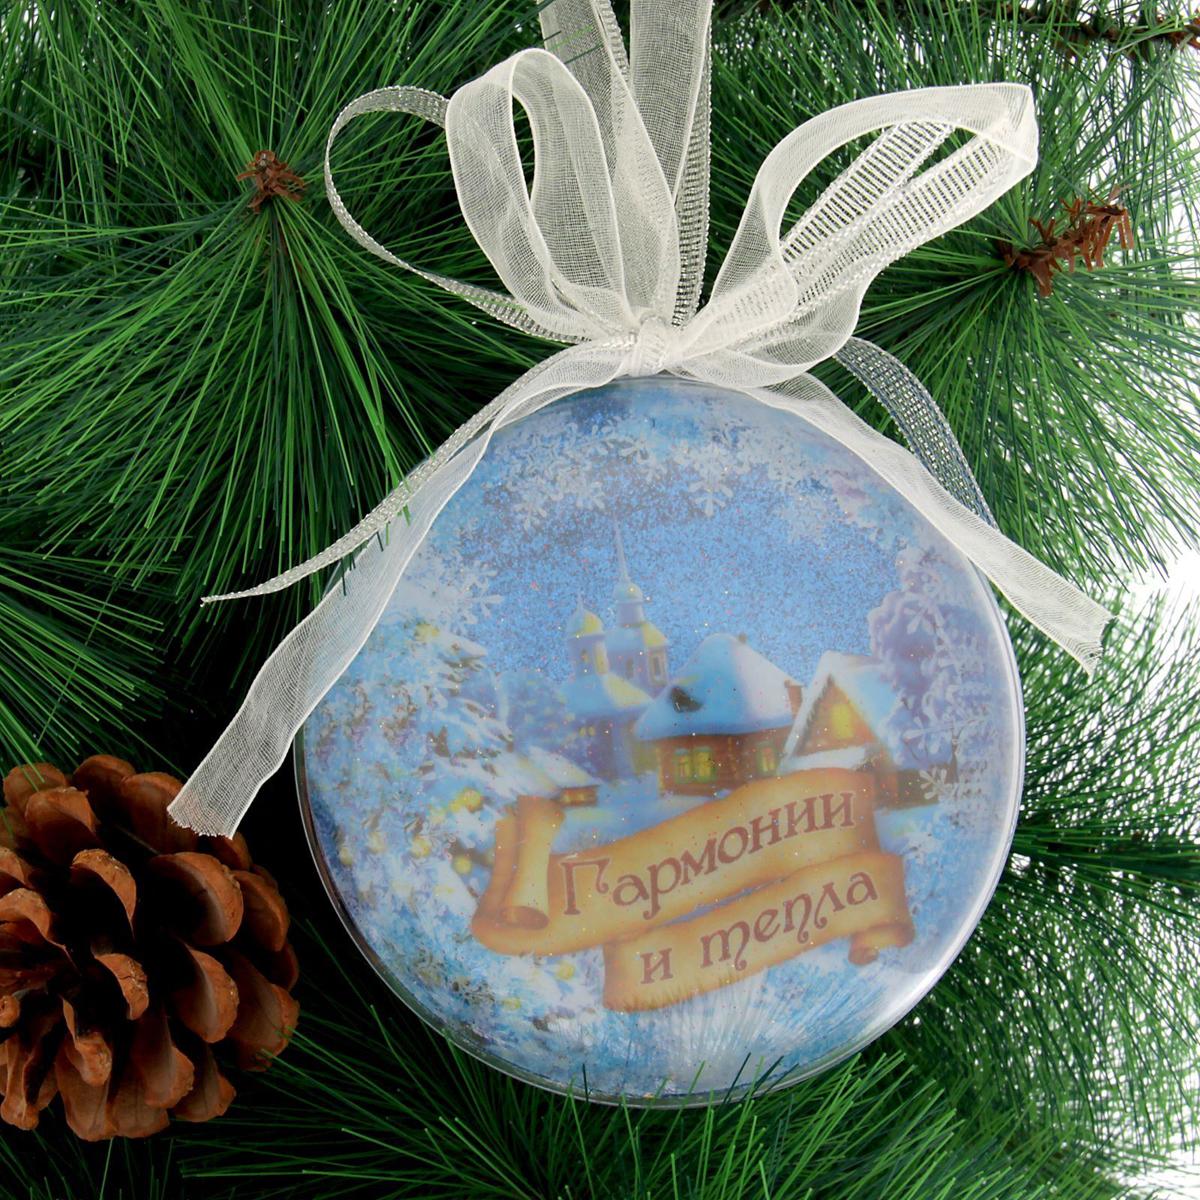 Украшение новогоднее елочное Sima-land Гармонии и тепла, диаметр 10 см1346192Невозможно представить нашу жизнь без праздников! Мы всегда ждём их и предвкушаем, обдумываем, как проведём памятный день, тщательно выбираем подарки и аксессуары, ведь именно они создают и поддерживают торжественный настрой.